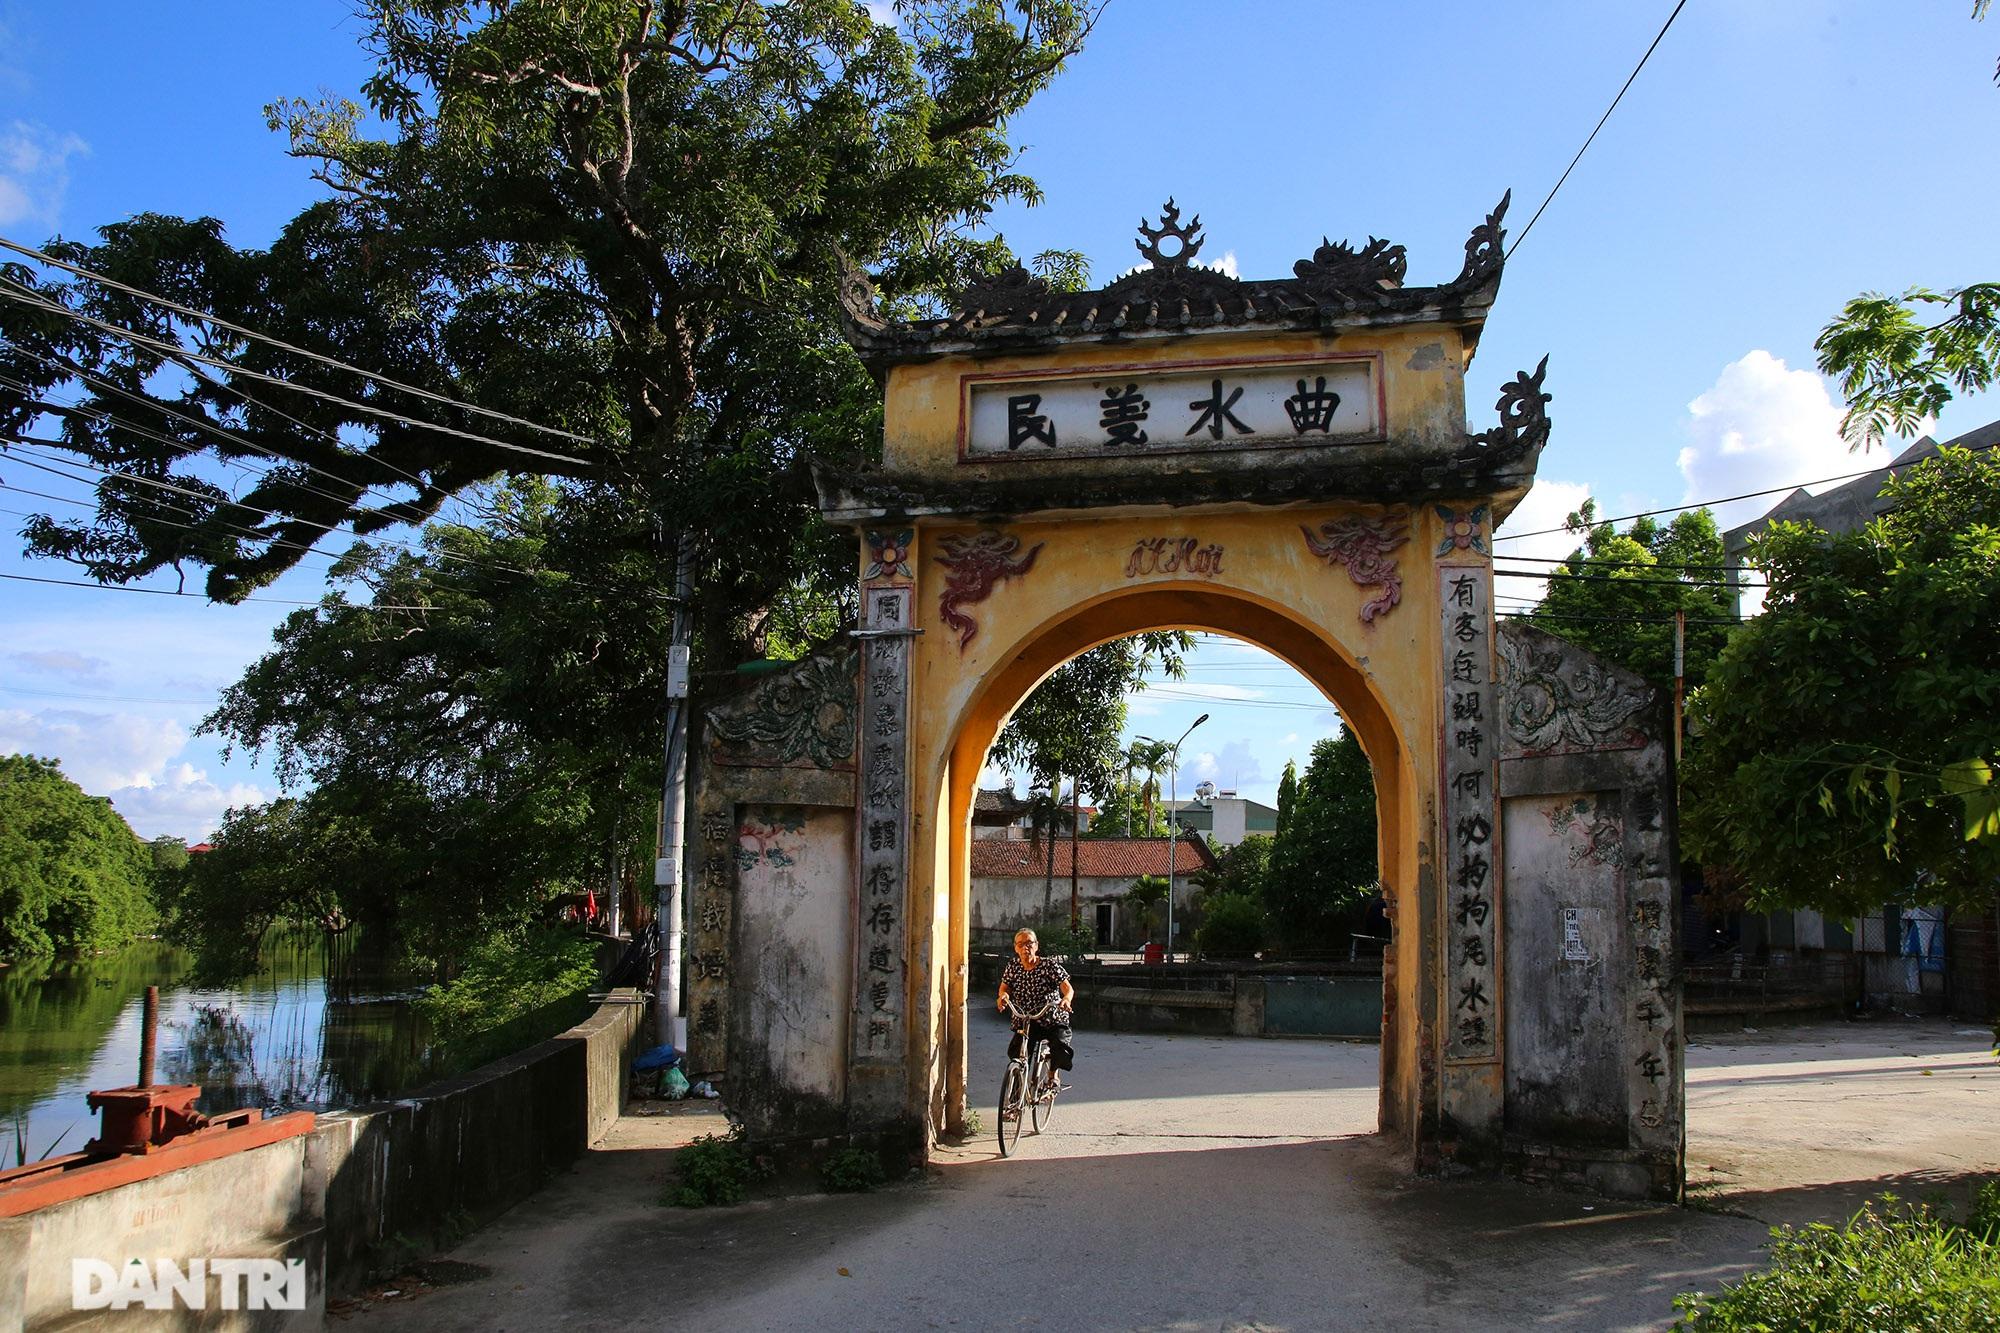 Làng cổ nghìn năm tuổi nổi tiếng giàu có nay là của hiếm ở Hà Nội - 1